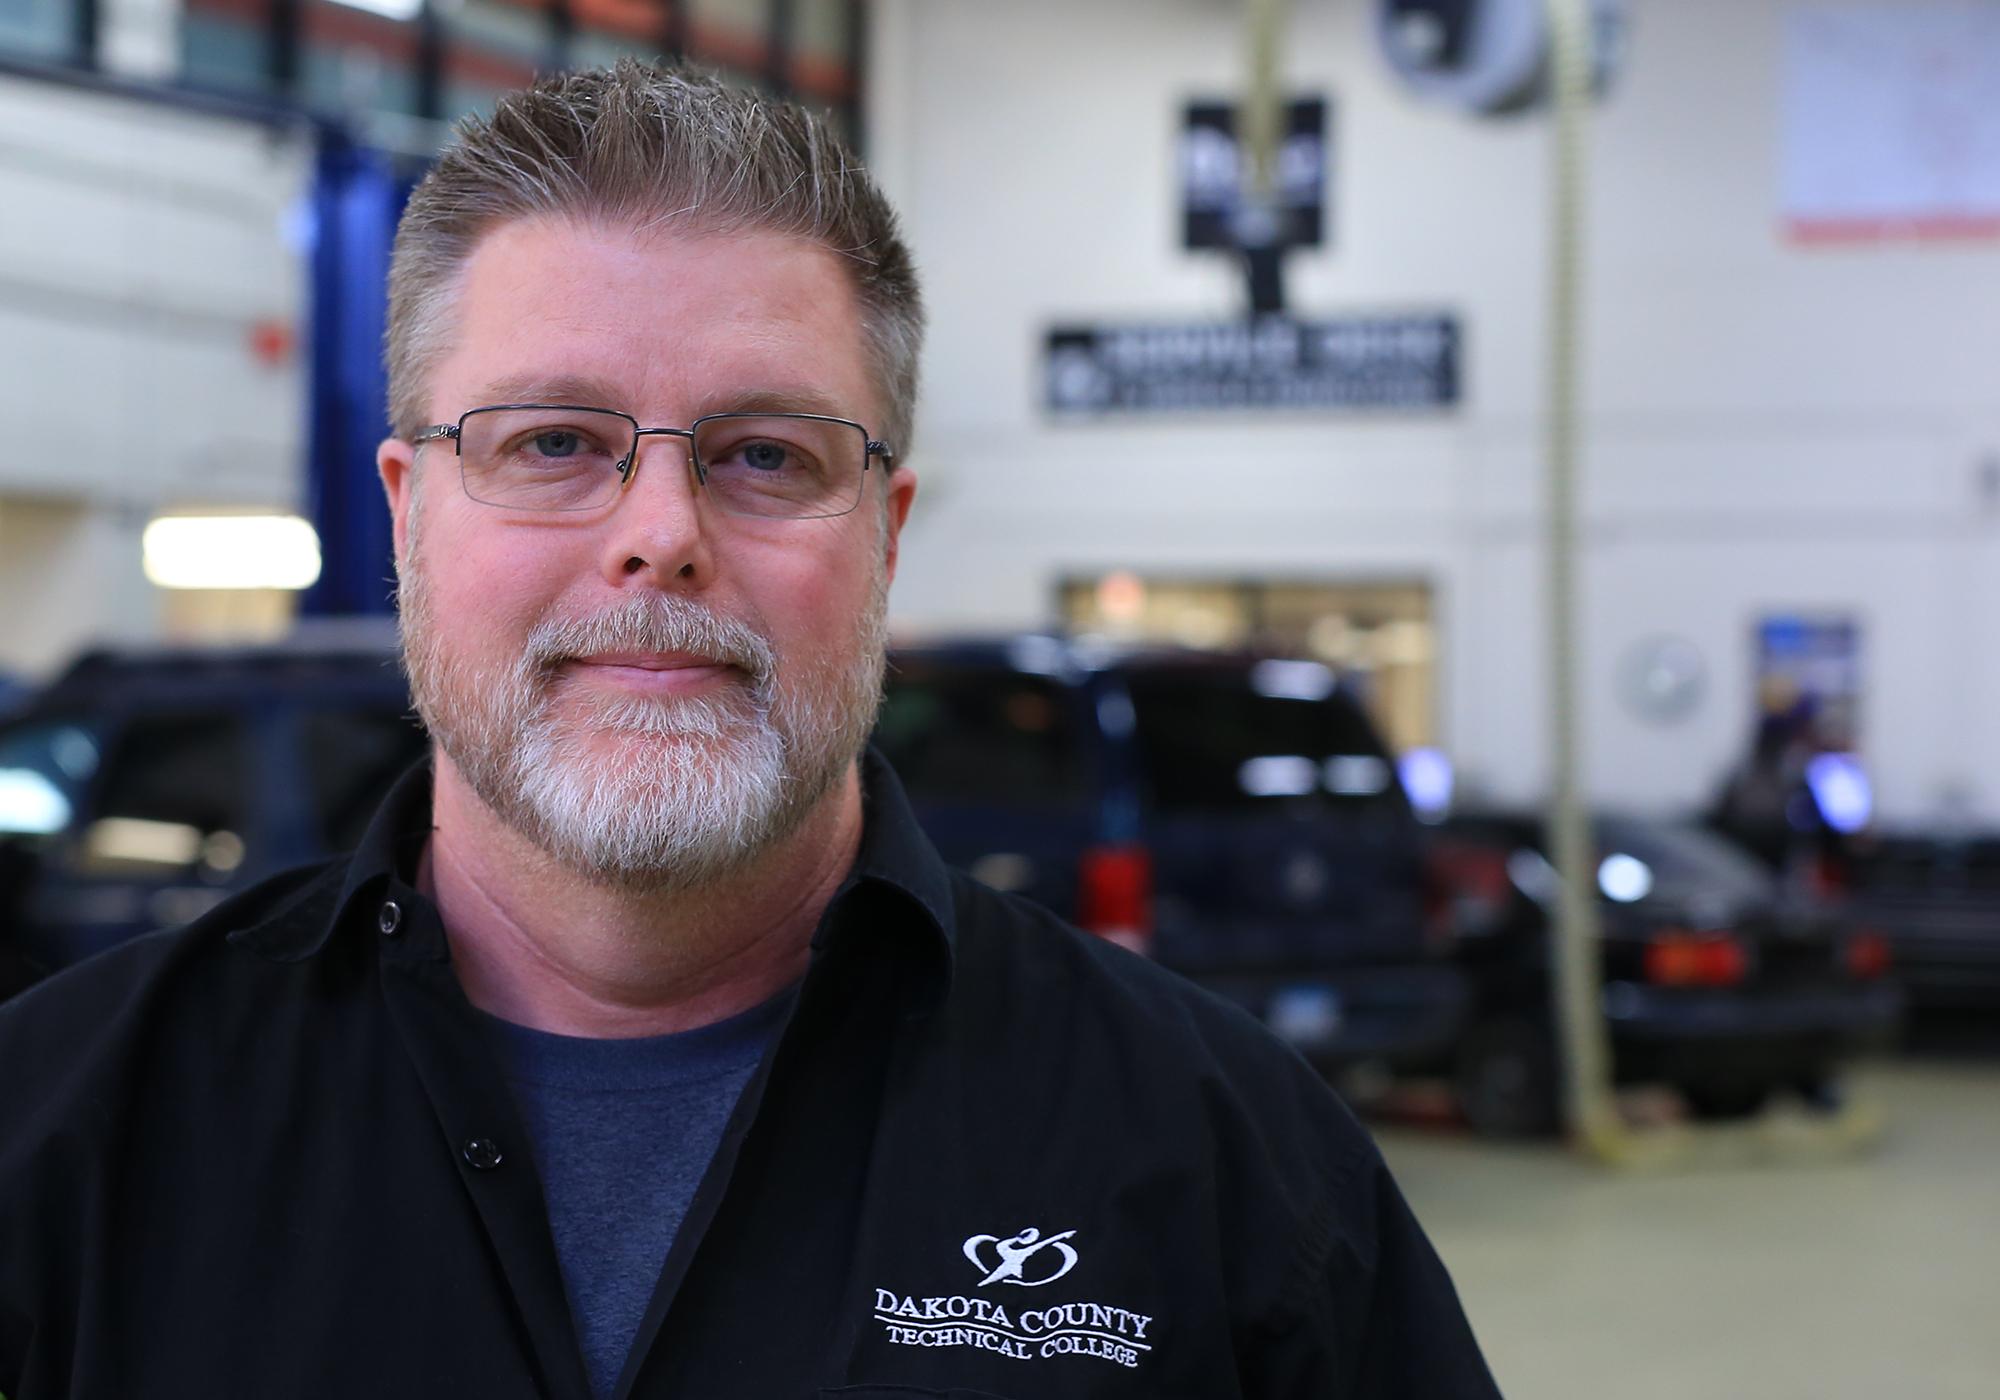 Jeff Copeland, Automotive Technician Faculty